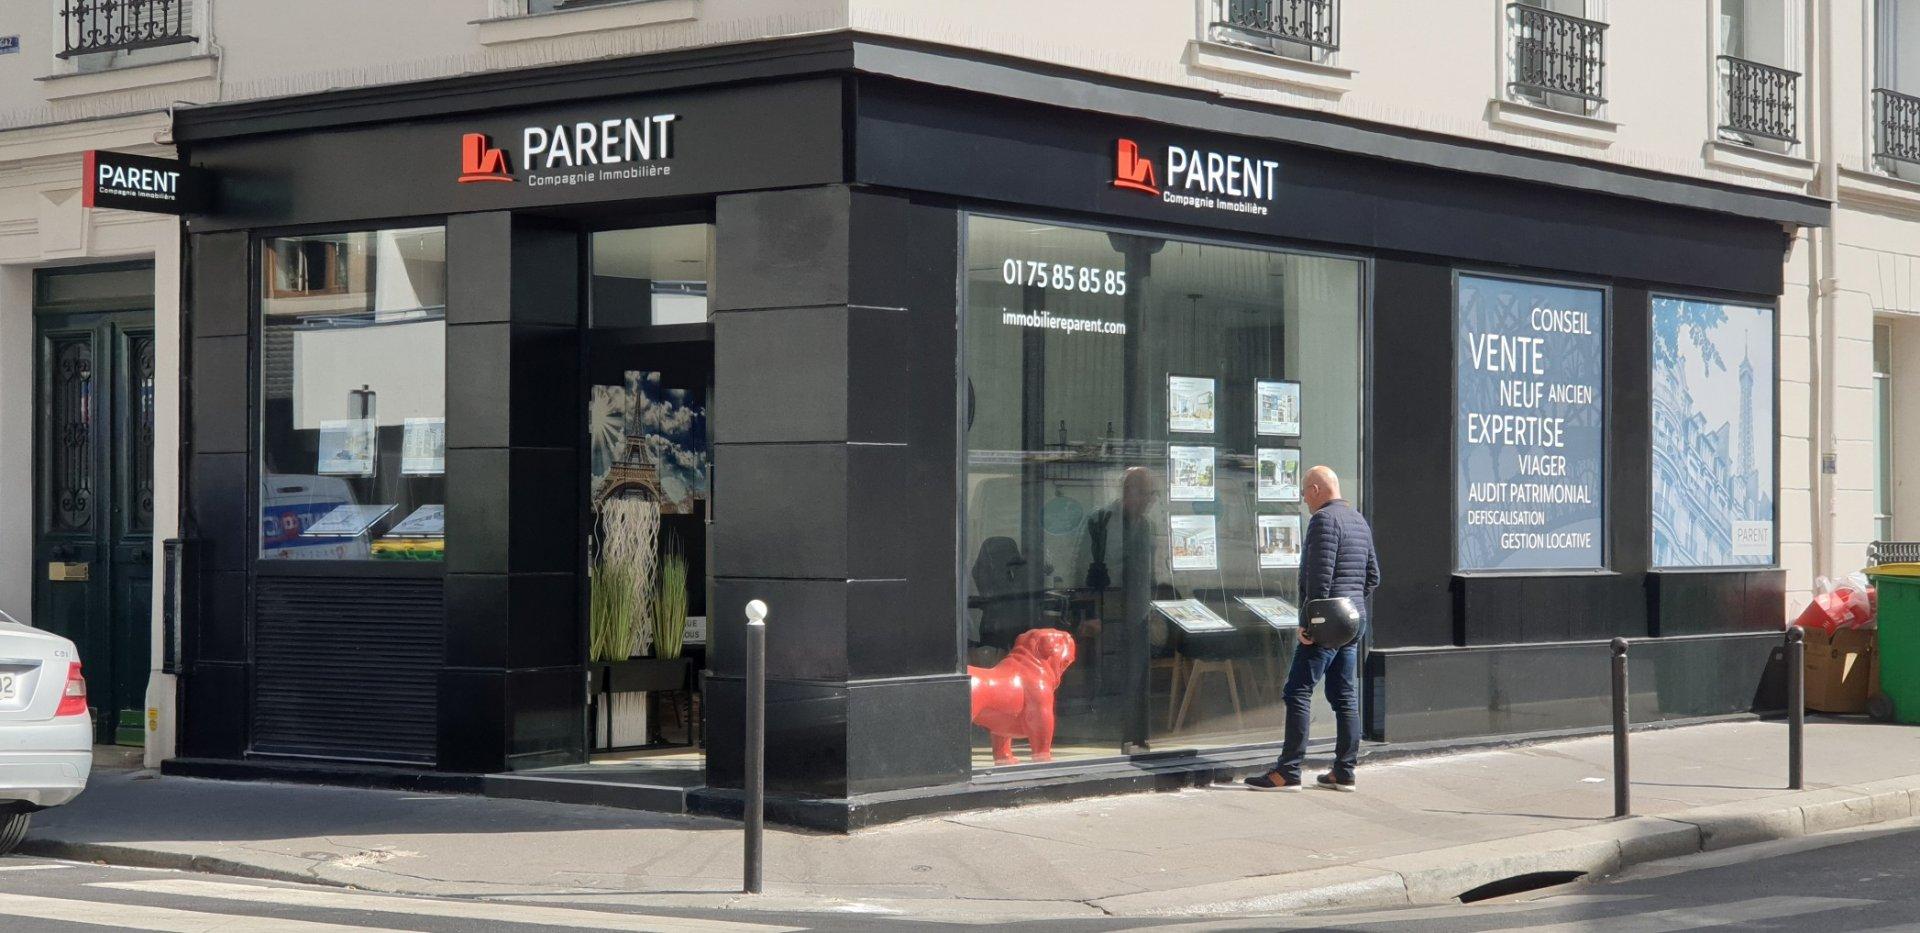 Immobilière Parent Paris